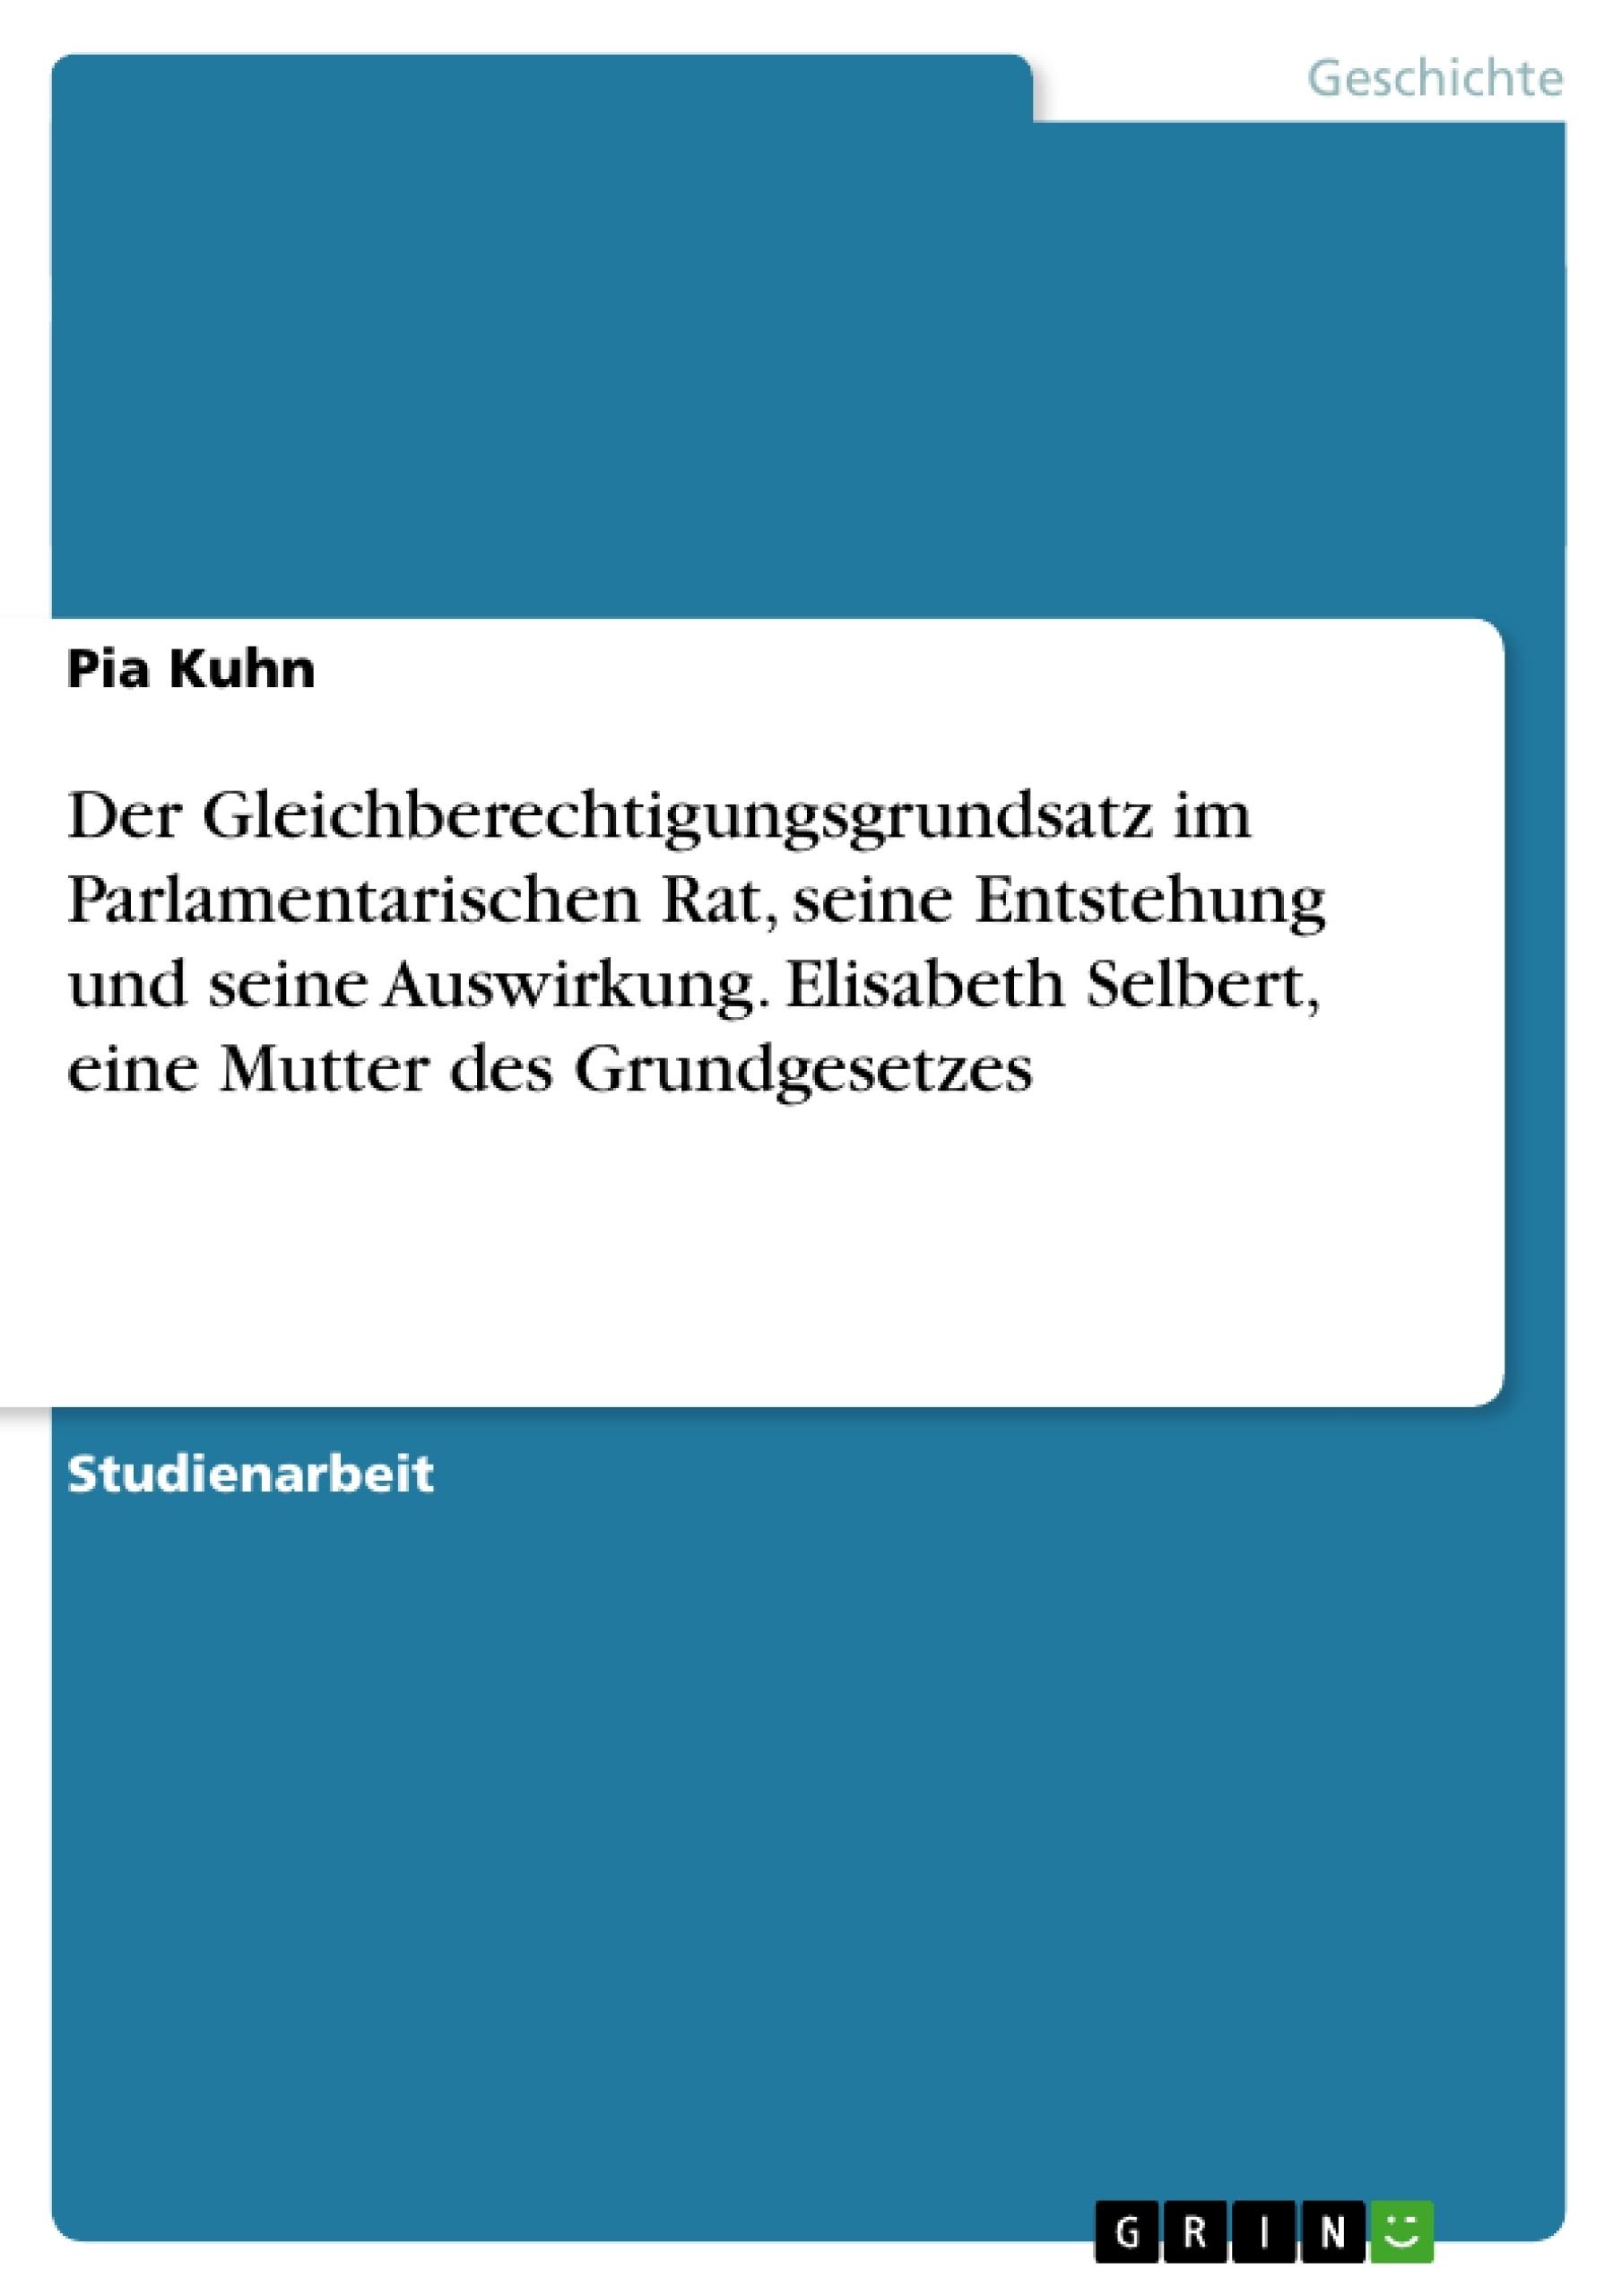 Titel: Der Gleichberechtigungsgrundsatz im Parlamentarischen Rat, seine Entstehung und seine Auswirkung. Elisabeth Selbert, eine Mutter des Grundgesetzes